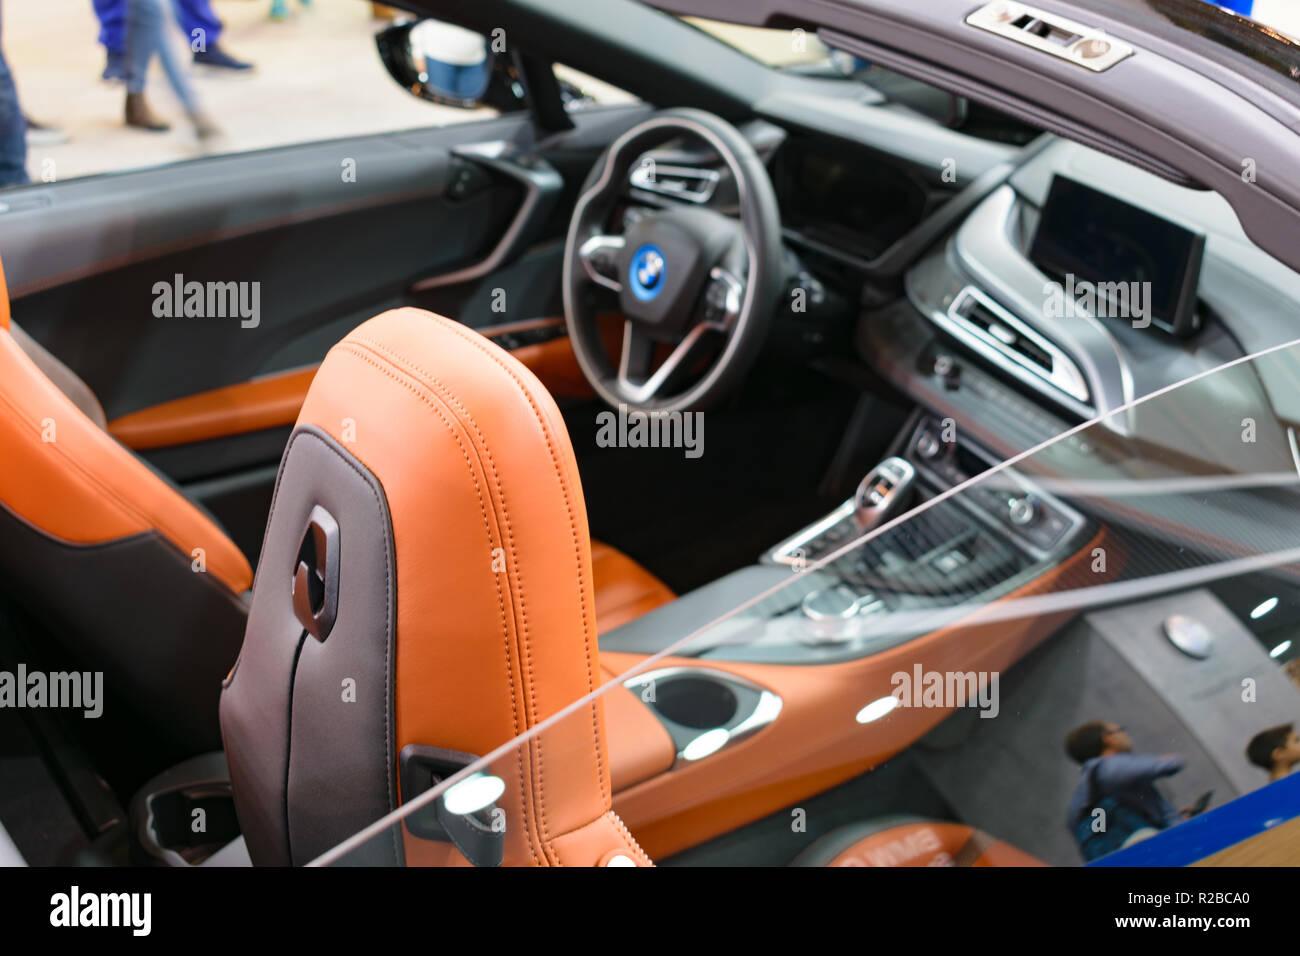 Interior Of Bmw I8 Roadster Car Stock Photos Interior Of Bmw I8